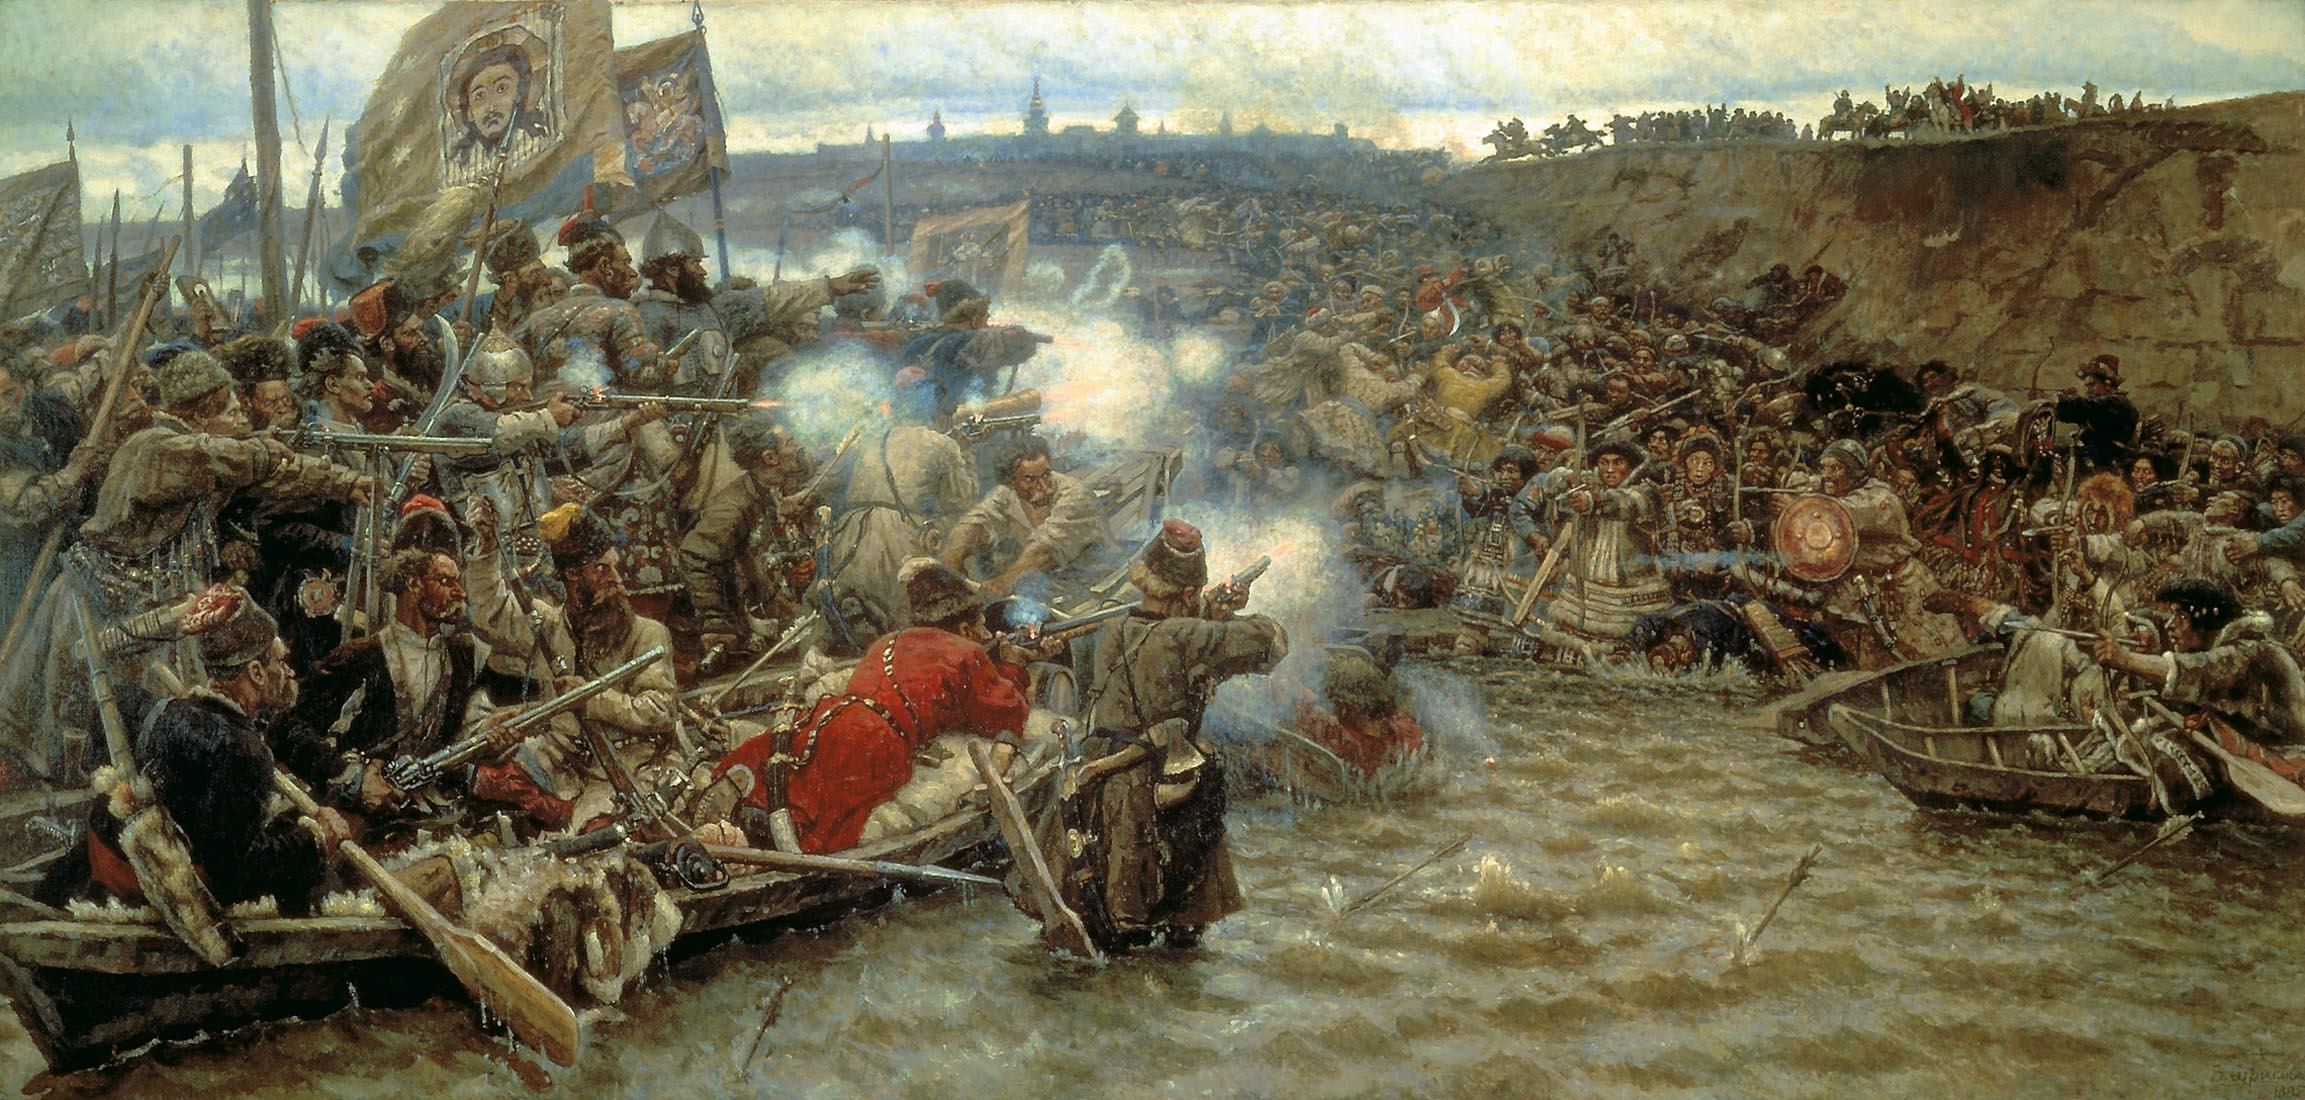 Картина Покорение Сибири Ермаком, Суриков, 1895